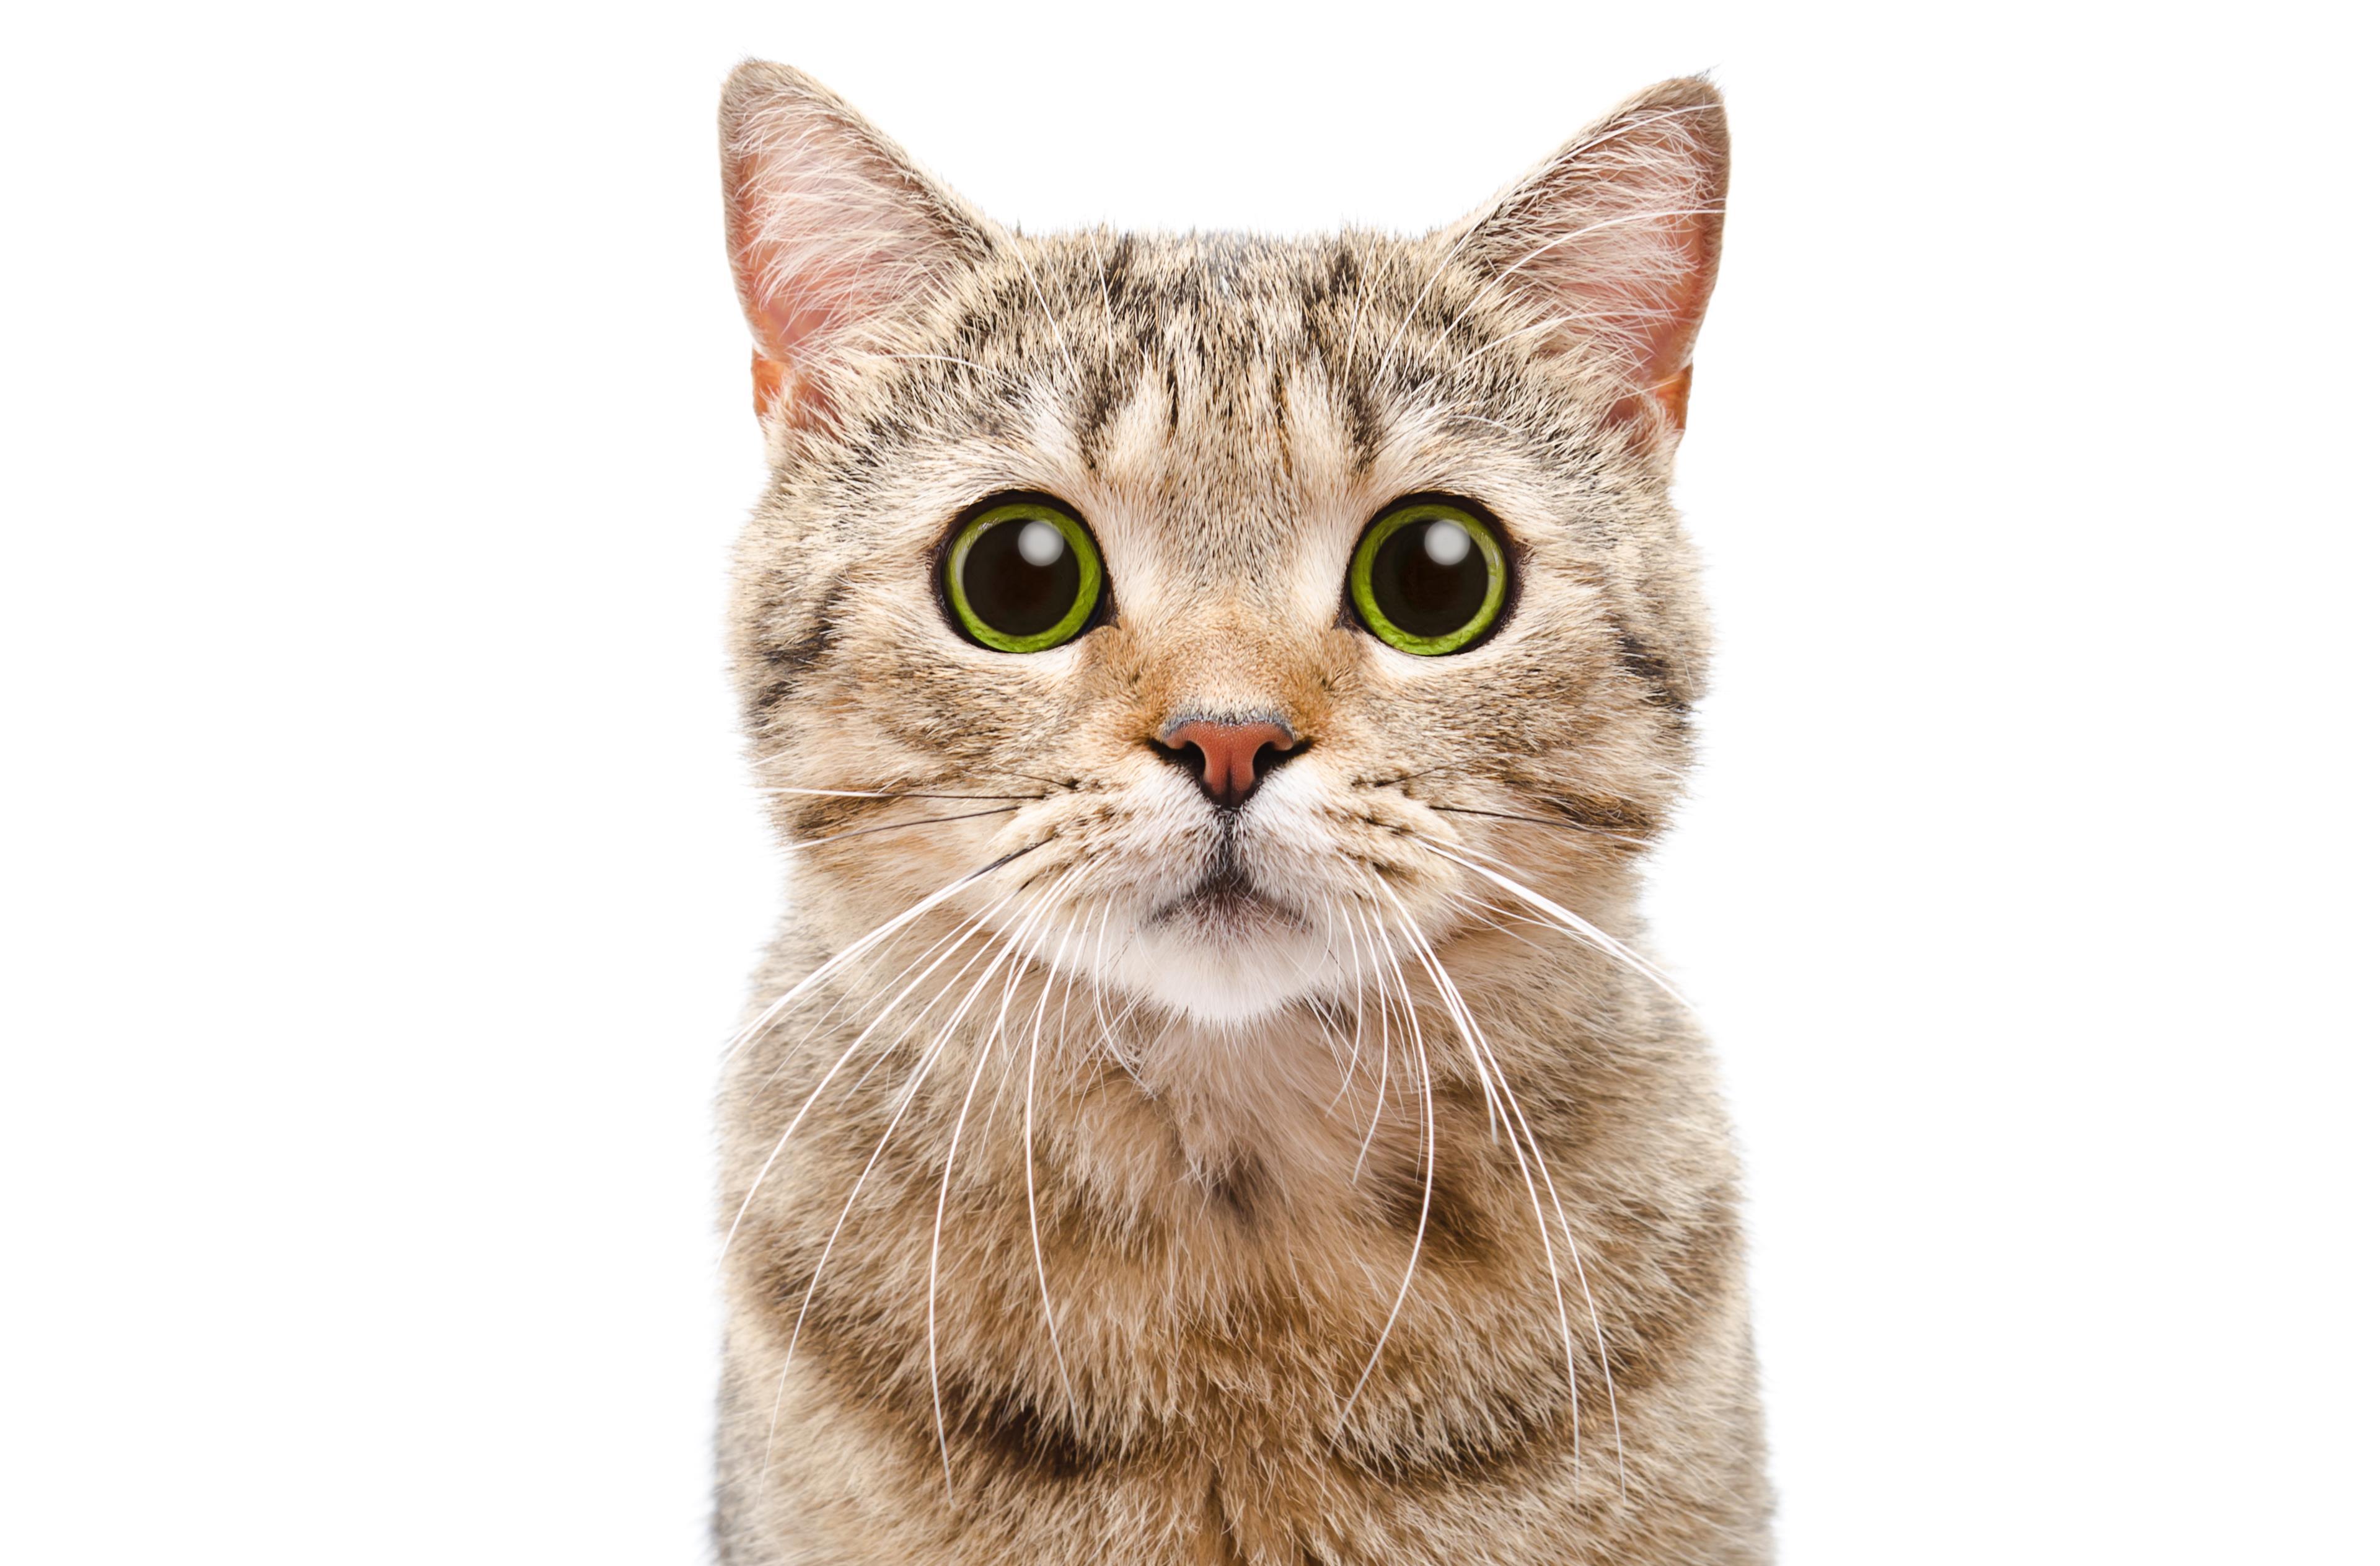 Gatto marrone con occhi verdi